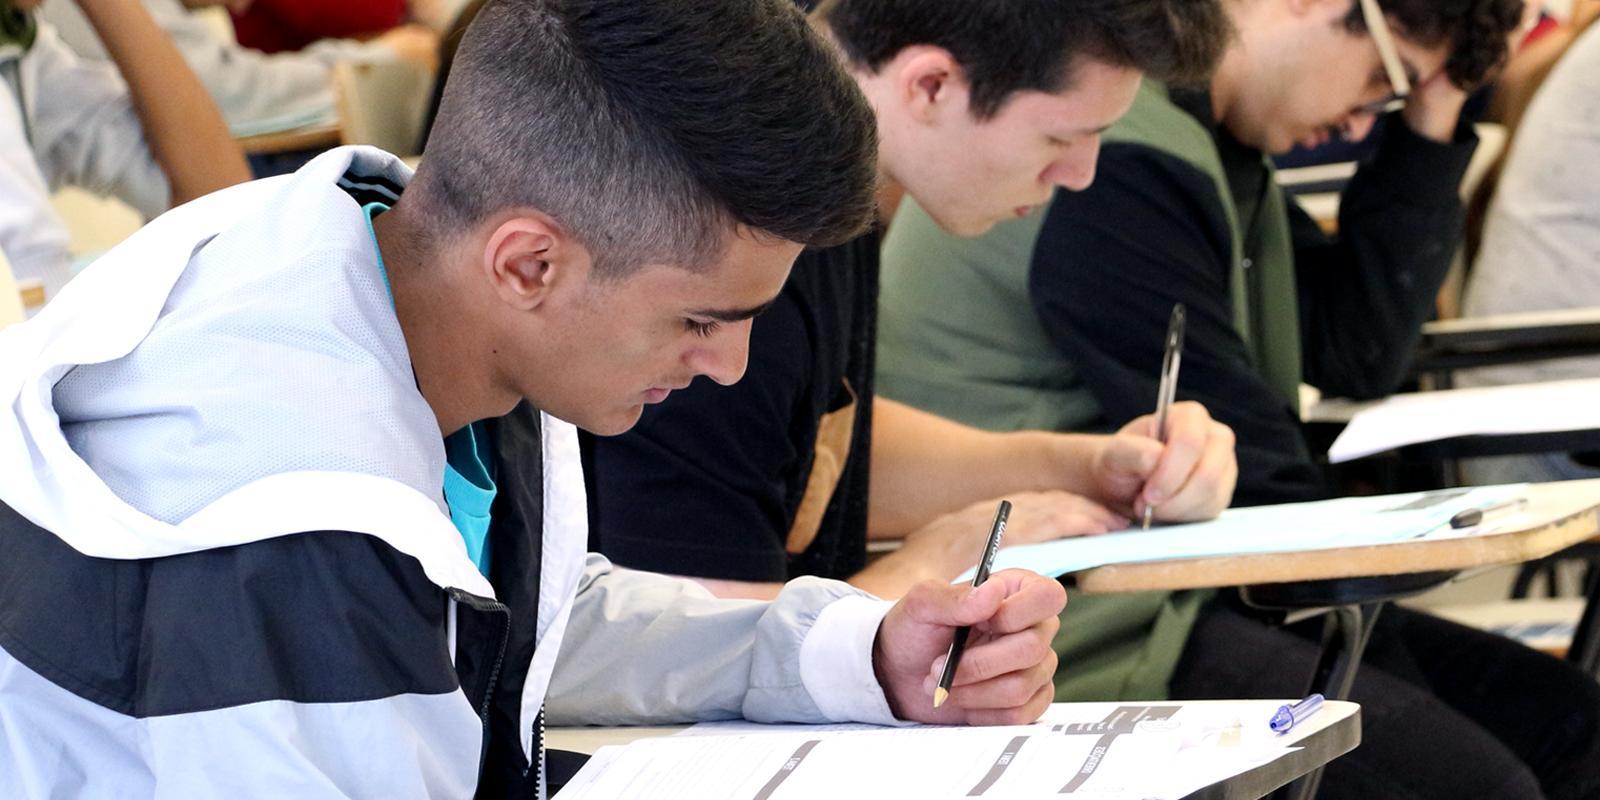 UNIFAAT abre inscrições para bolsas de estudo